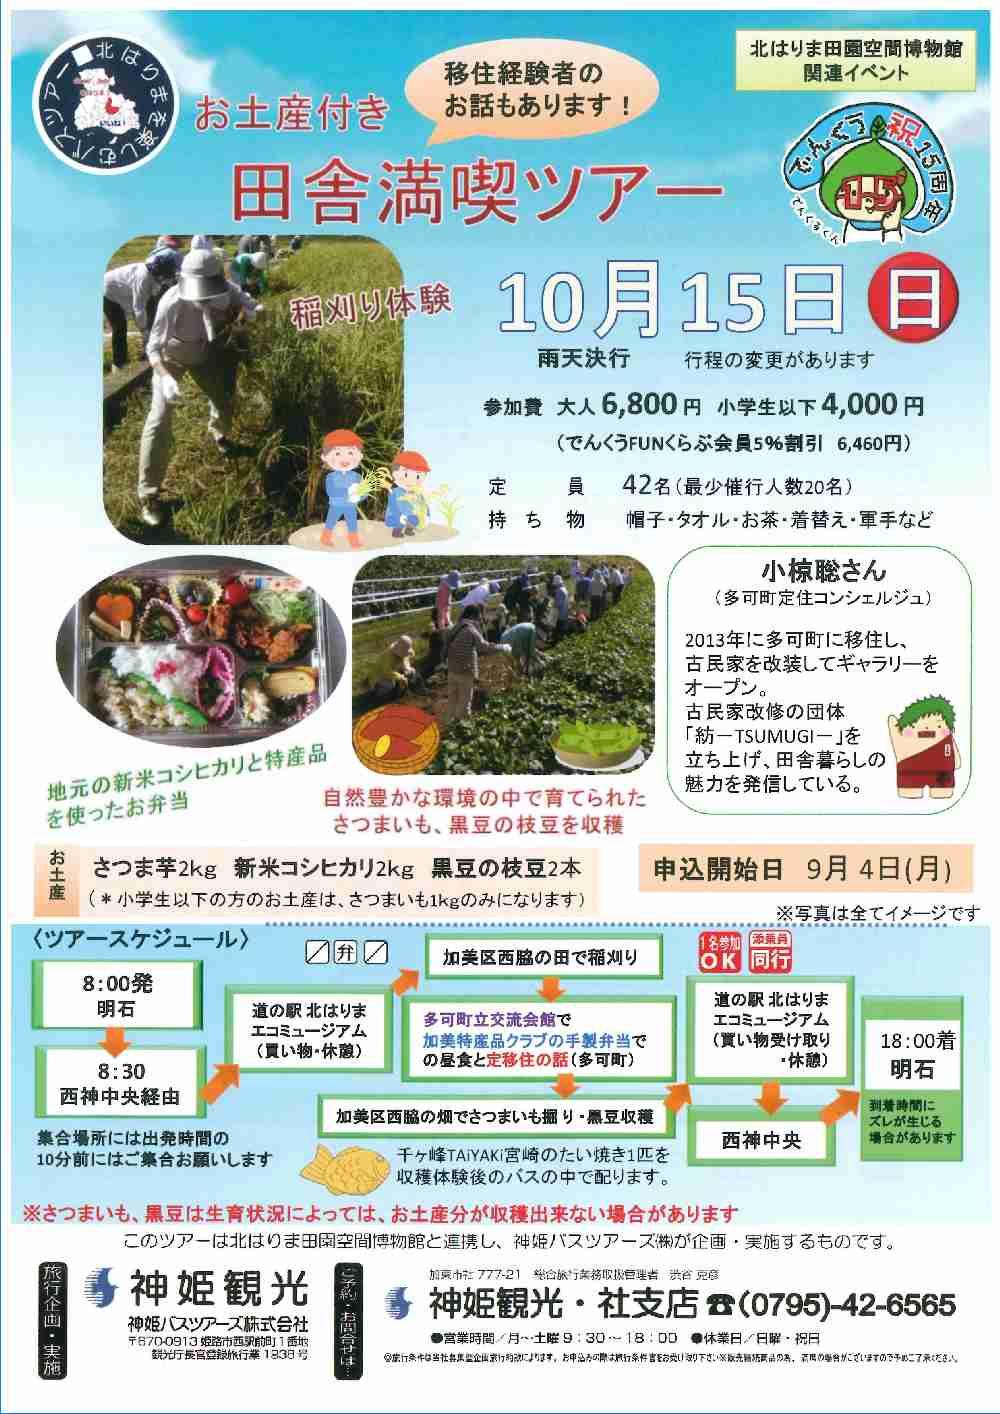 10/15  明石発バスツアー「お土産付き 田舎満喫ツアー」